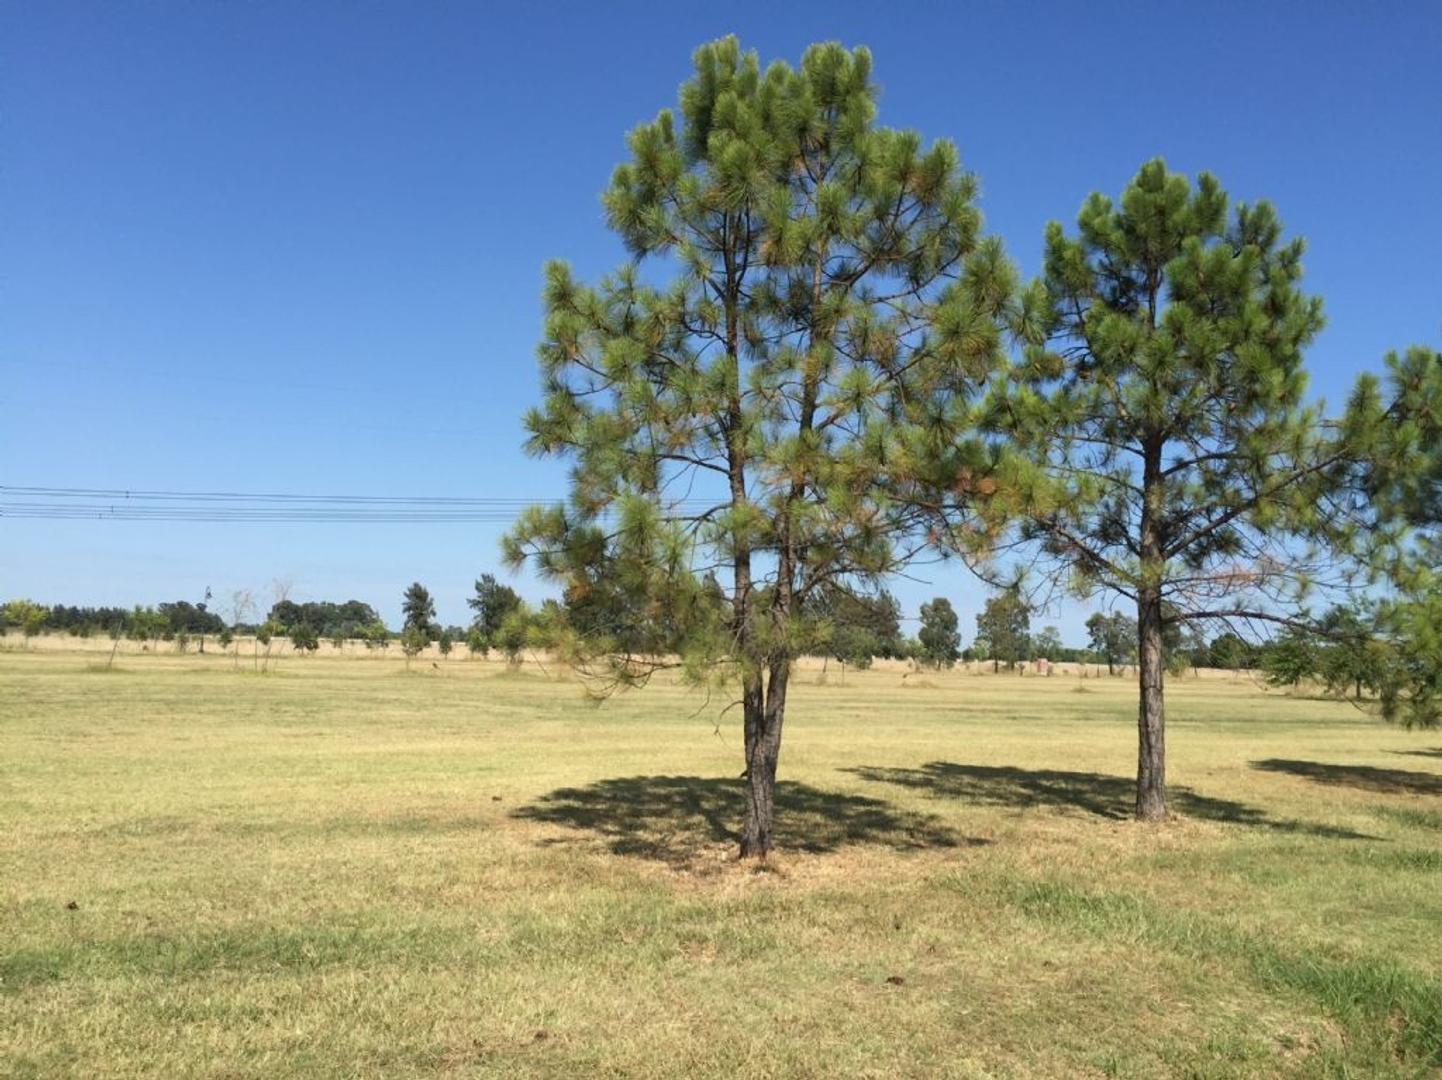 Terreno Lote  en Venta ubicado en El Nacional, Zona Oeste - OES0695_LP107076_1